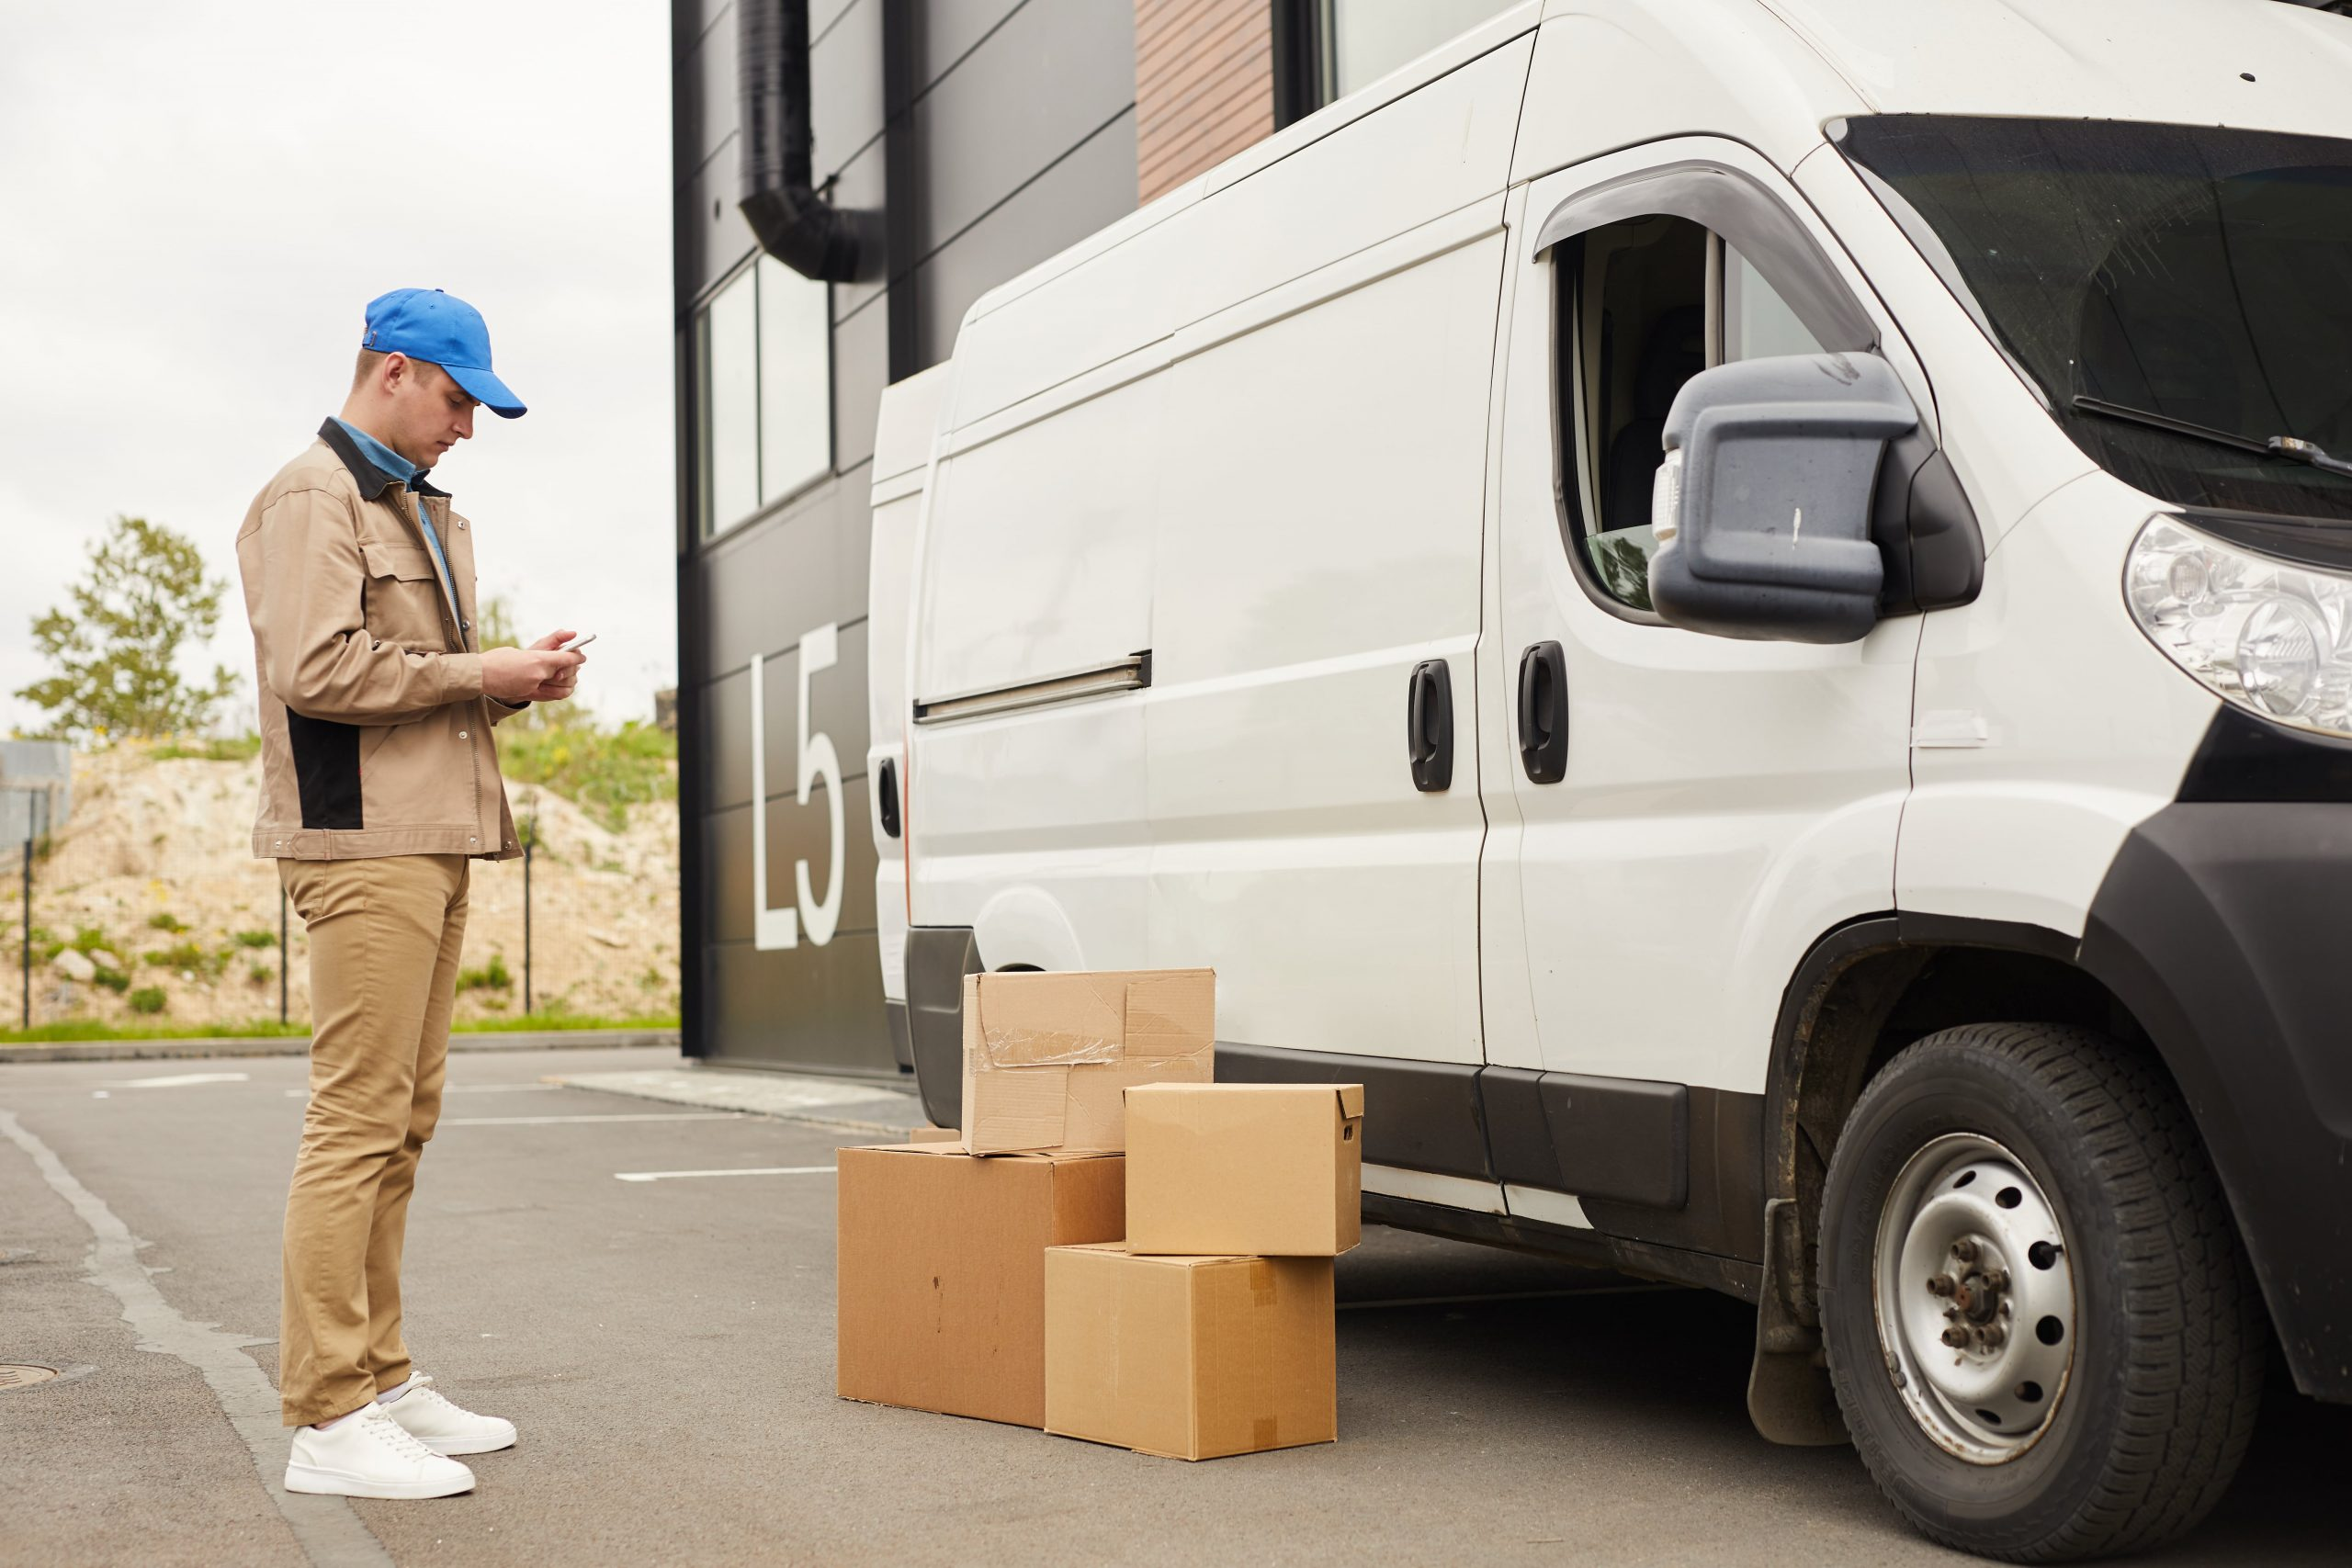 Naša spoločnosť Vám zabezpečí prepravu zásielok na miesto určenia v čo najkratšom možnom čase. V oblasti medzinárodnej dopravy sa špecializujeme na krajiny EU.